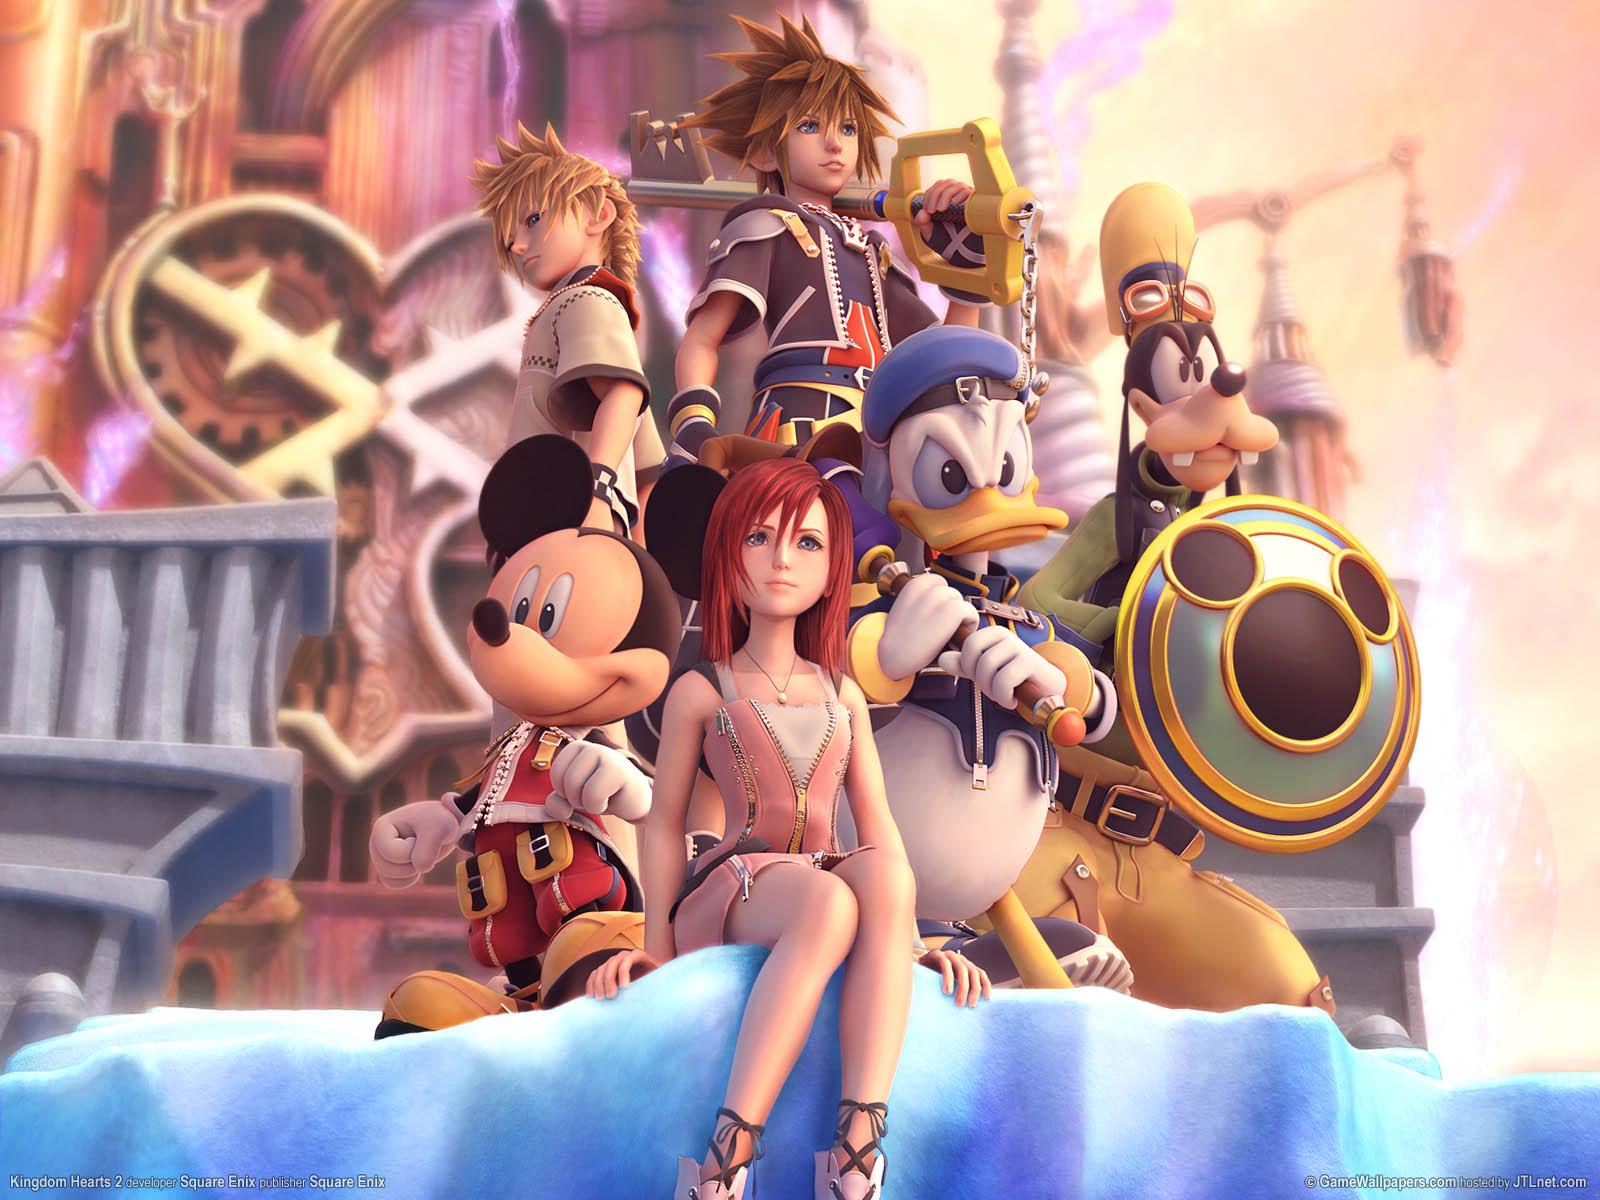 high qulity wallpaper Kingdom Hearts Wallpaper HD 1600x1200